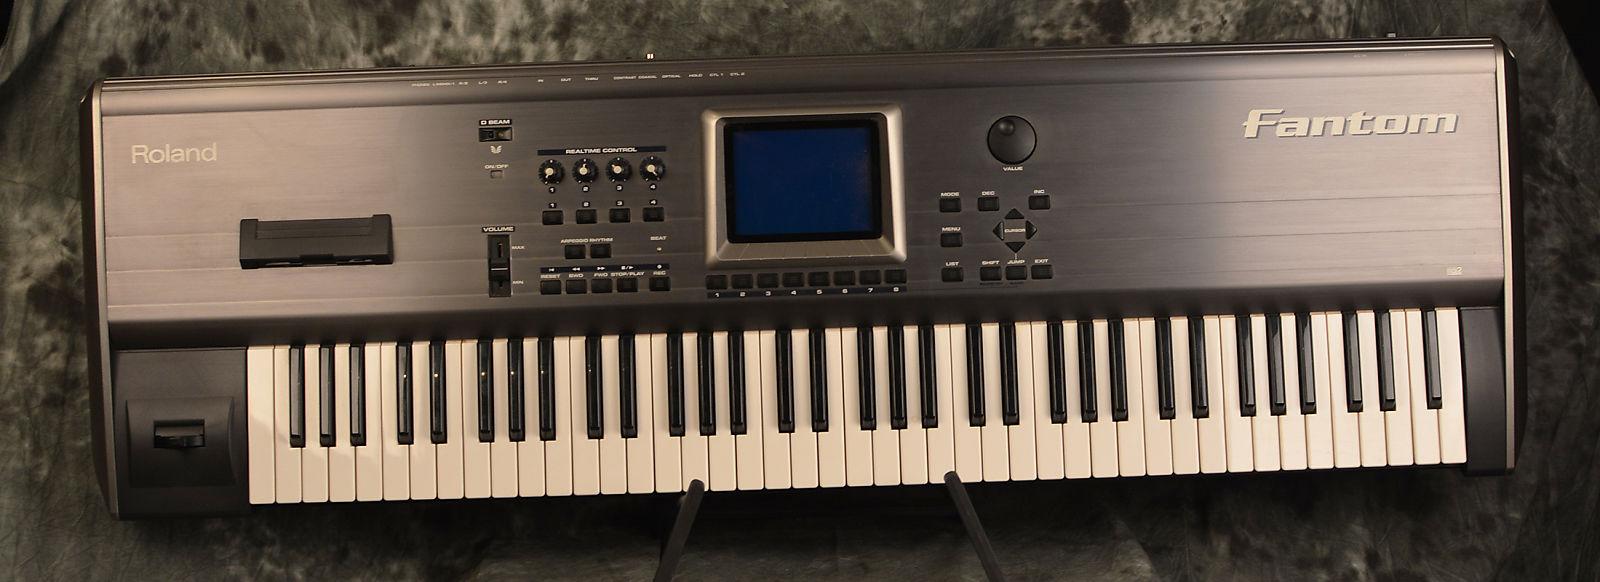 roland fantom fa76 76 key workstation keyboard reverb. Black Bedroom Furniture Sets. Home Design Ideas